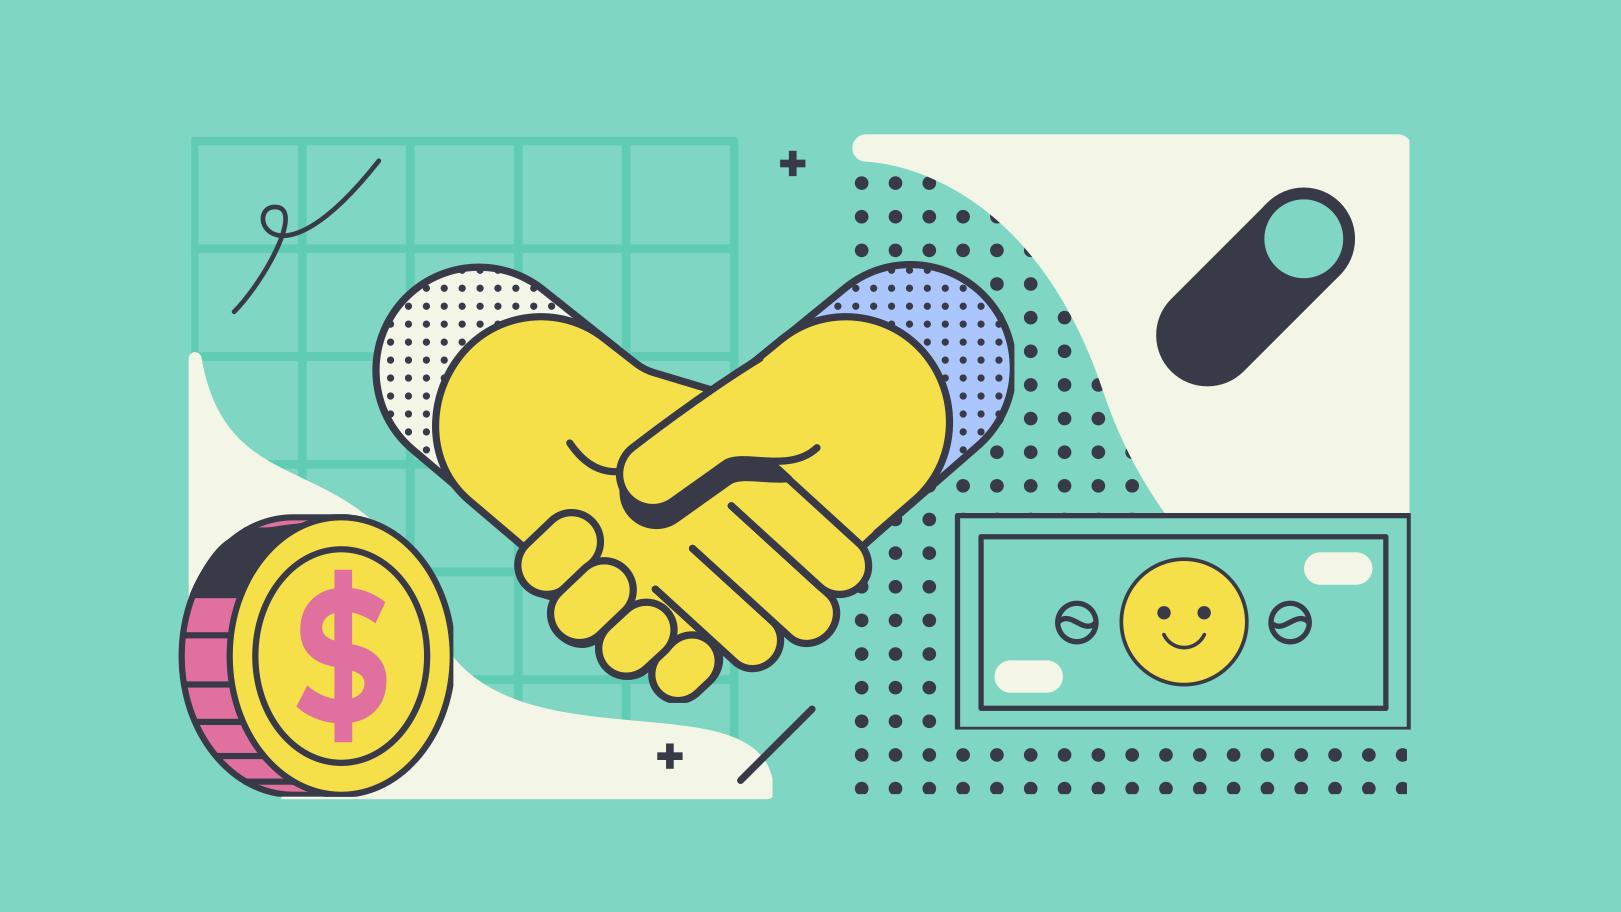 Клипарт Бизнес сделка в PNG и SVG